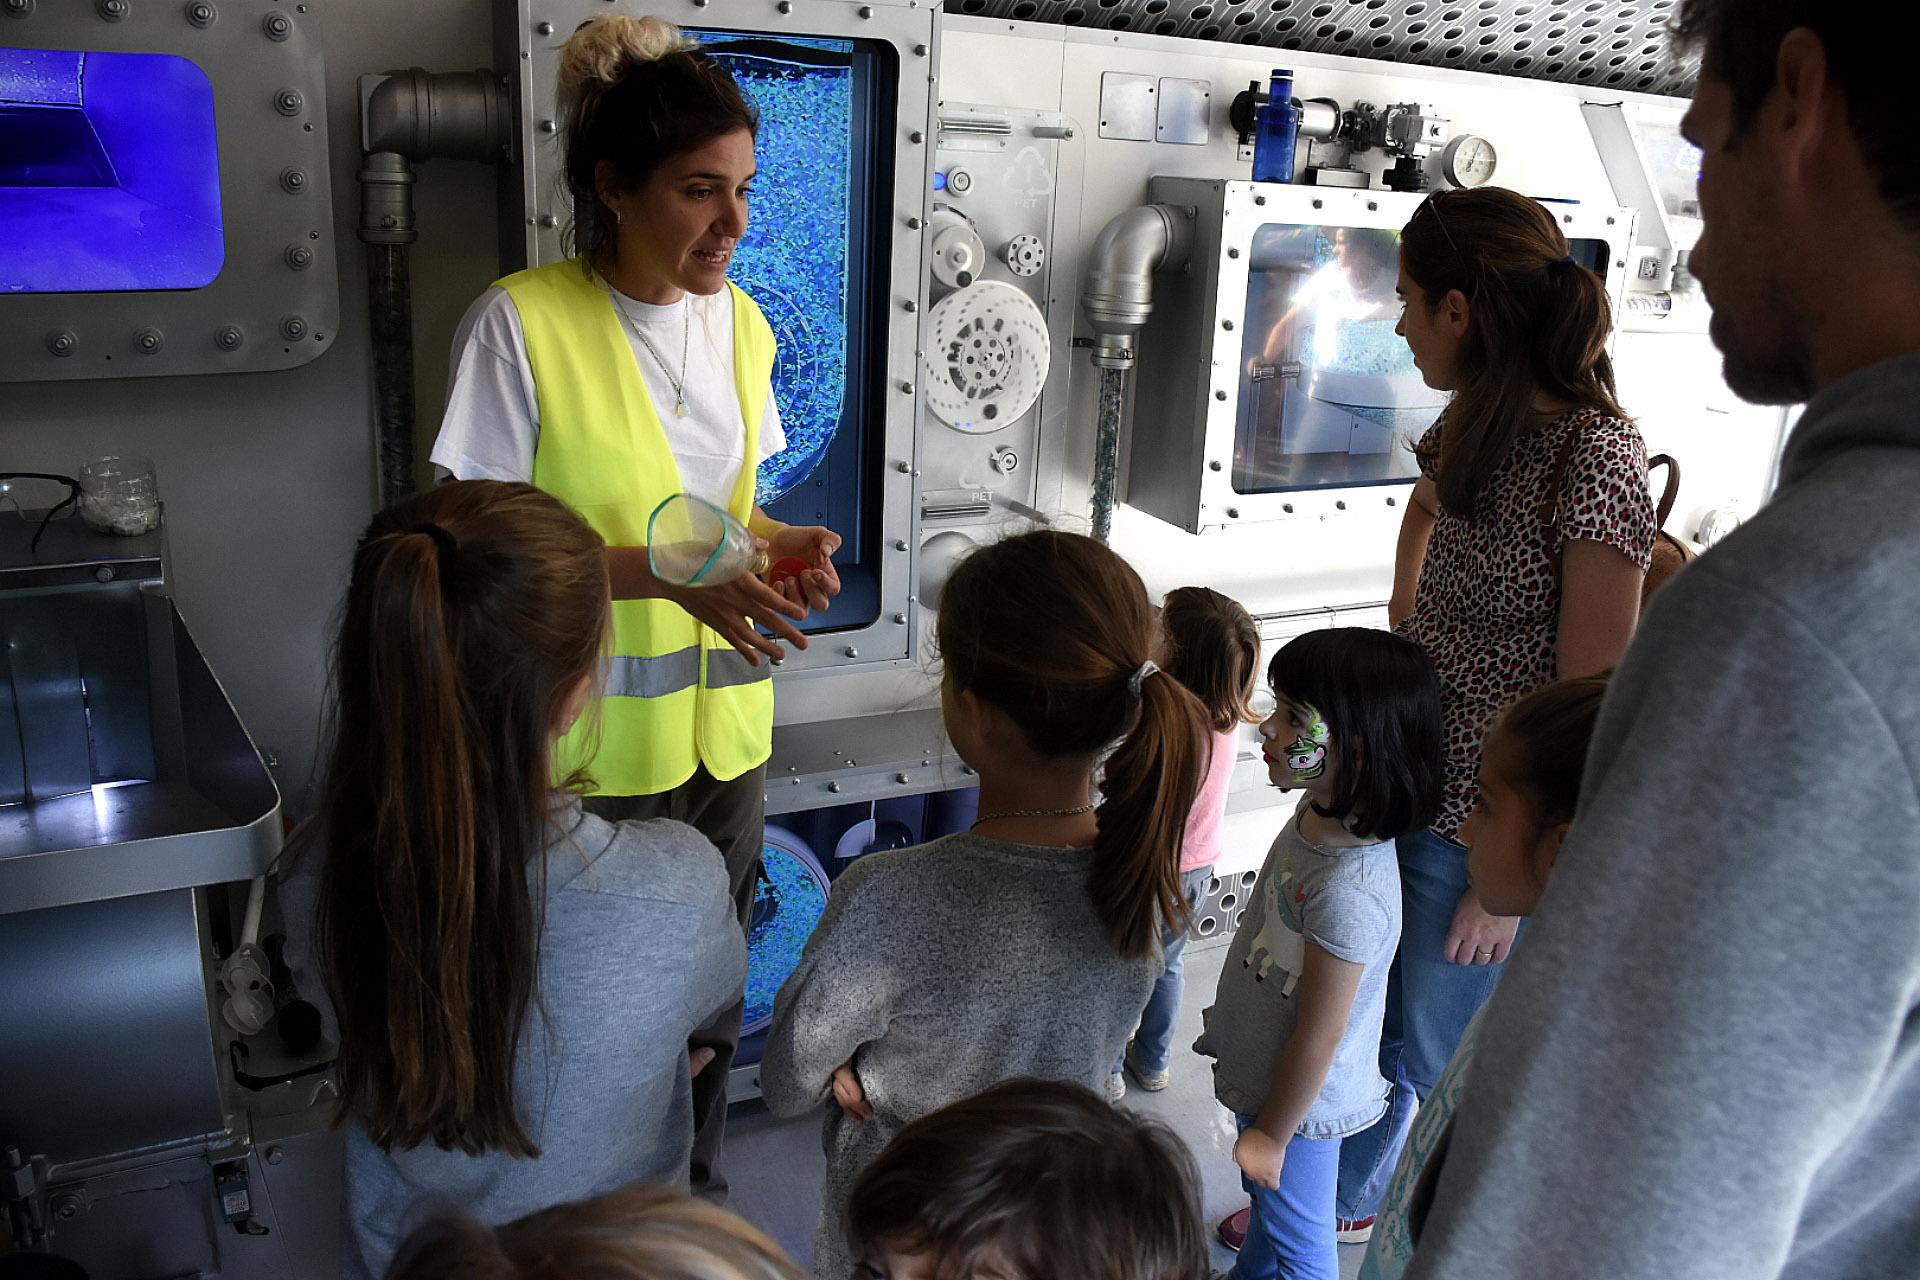 Los más pequeños de la familia mientras sus padres escuchaban la charla de cocineros y escritores pudieron disfrutar de actividades recreativas como el camión de ciencia